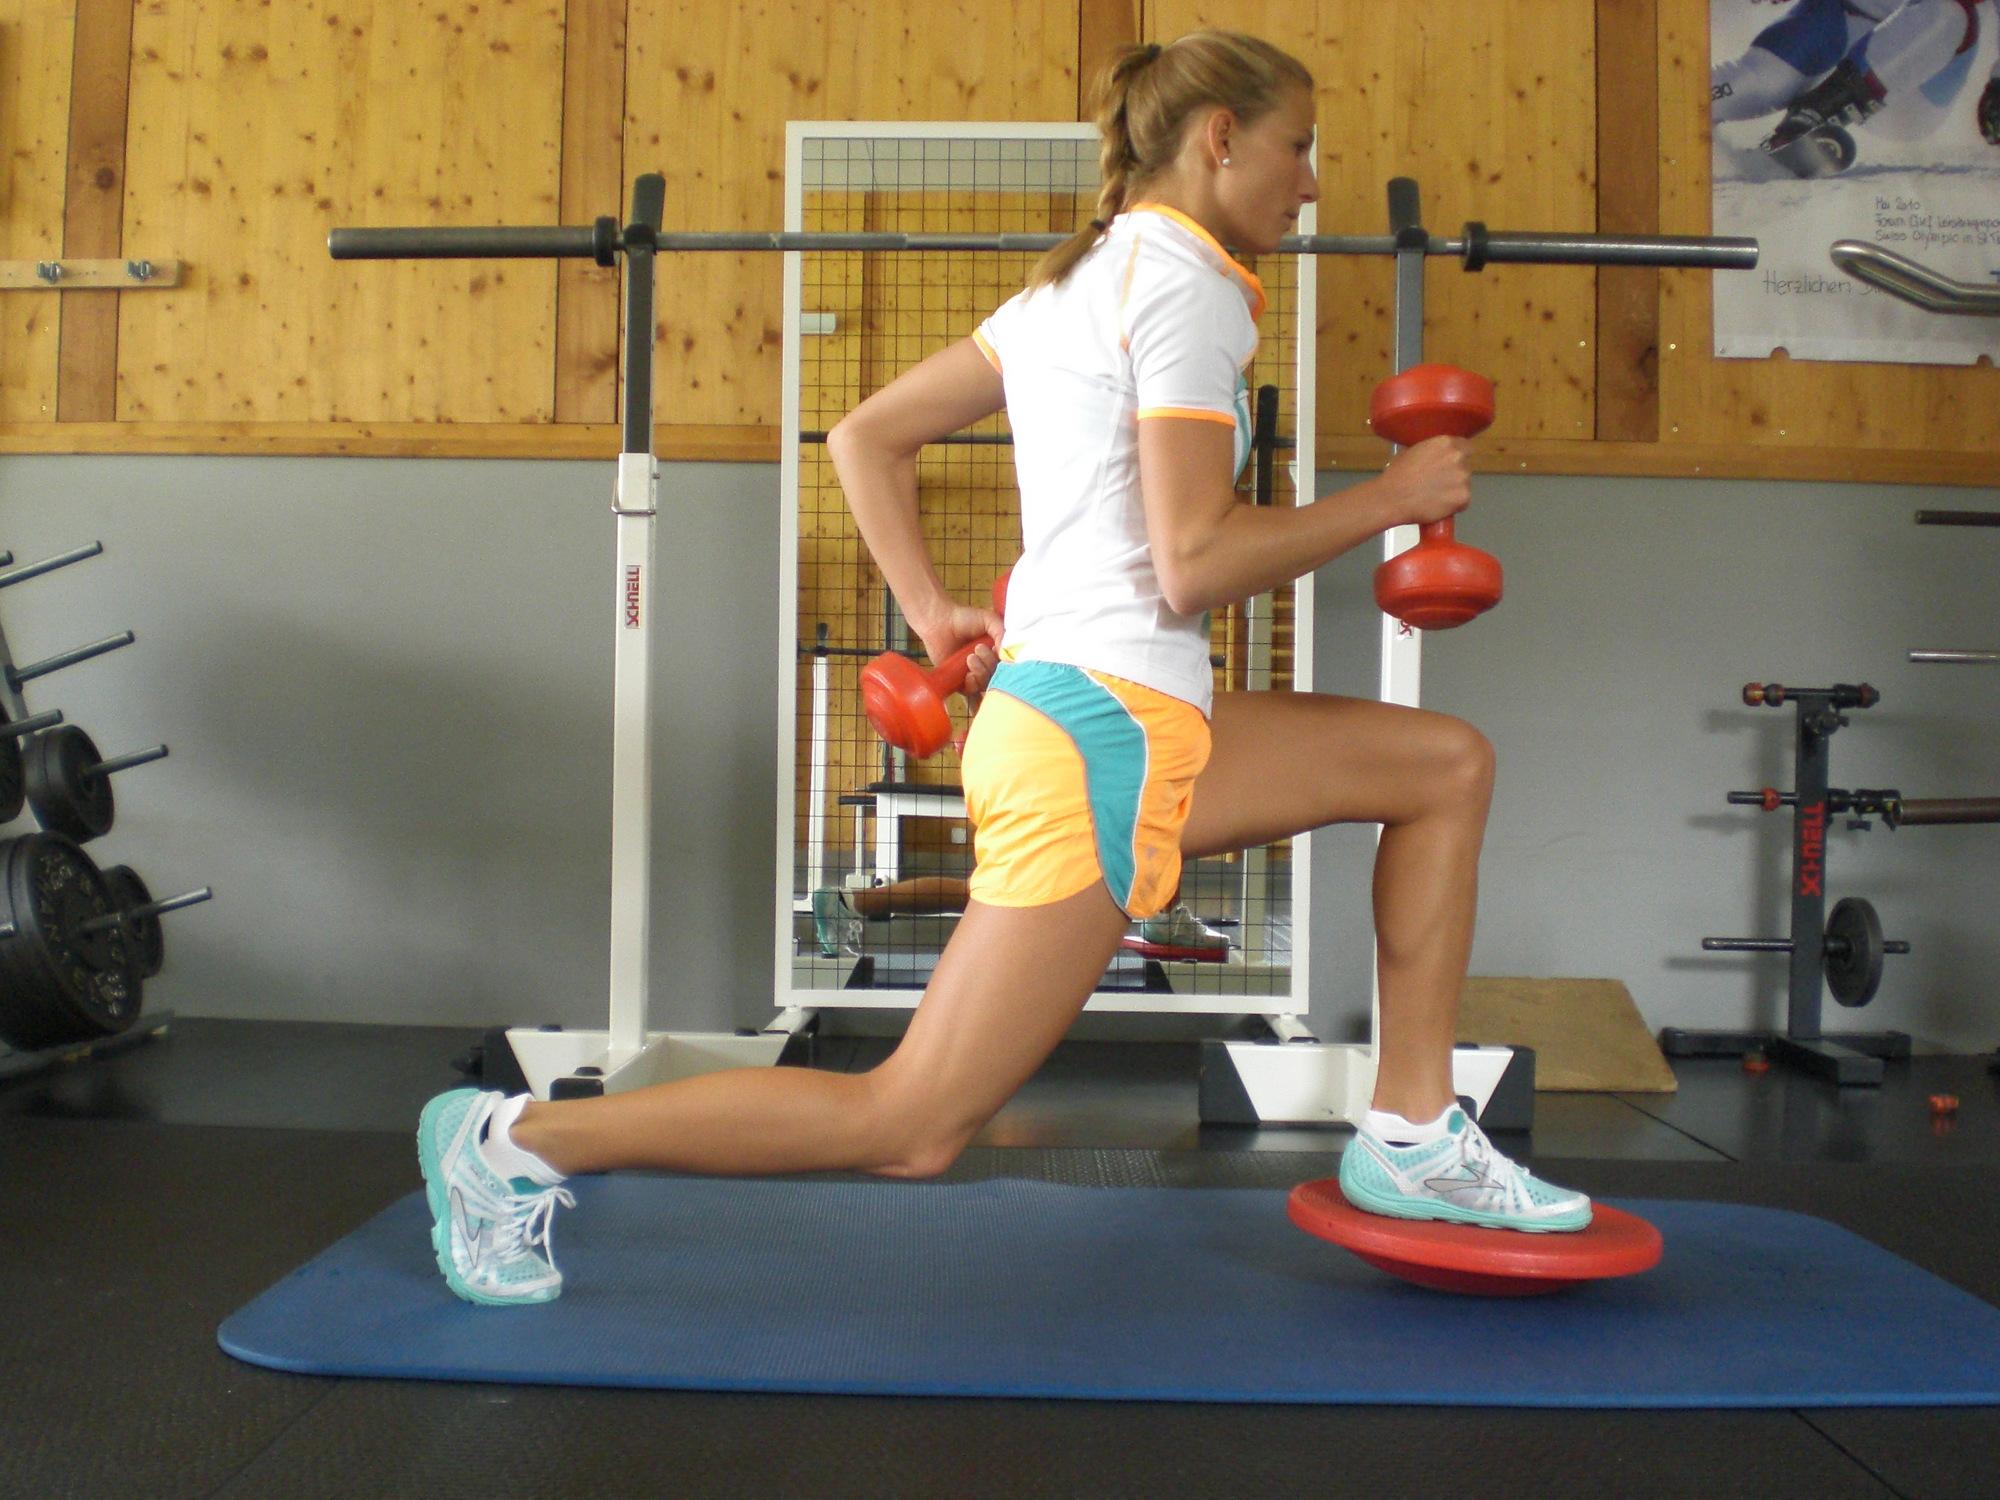 Nutze Fitnesskurse für die Stärkung deiner Muskulatur